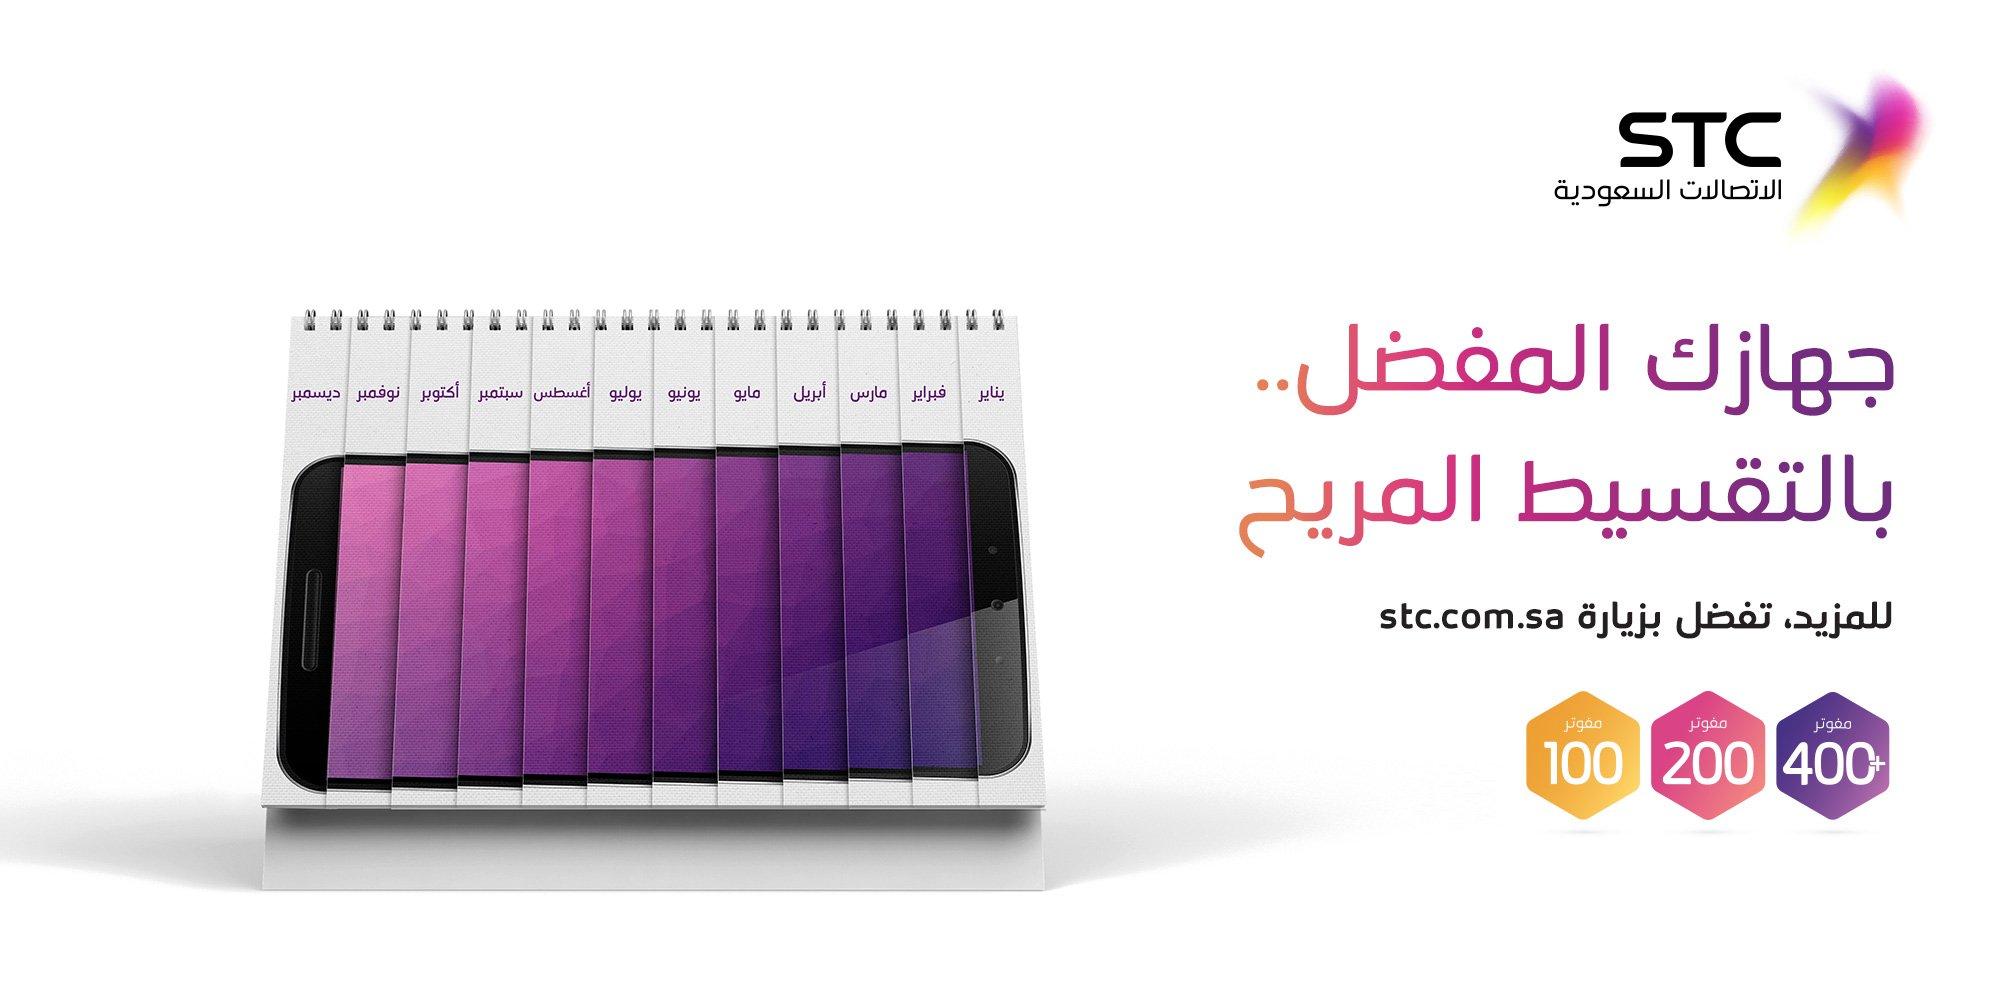 Stc السعودية V Twitter لعملاء المفوتر 100 200 400 6 برامج للأقساط الشهرية على الأجهزة الذكية المزيد في الرابط Https T Co 5usznnpapo